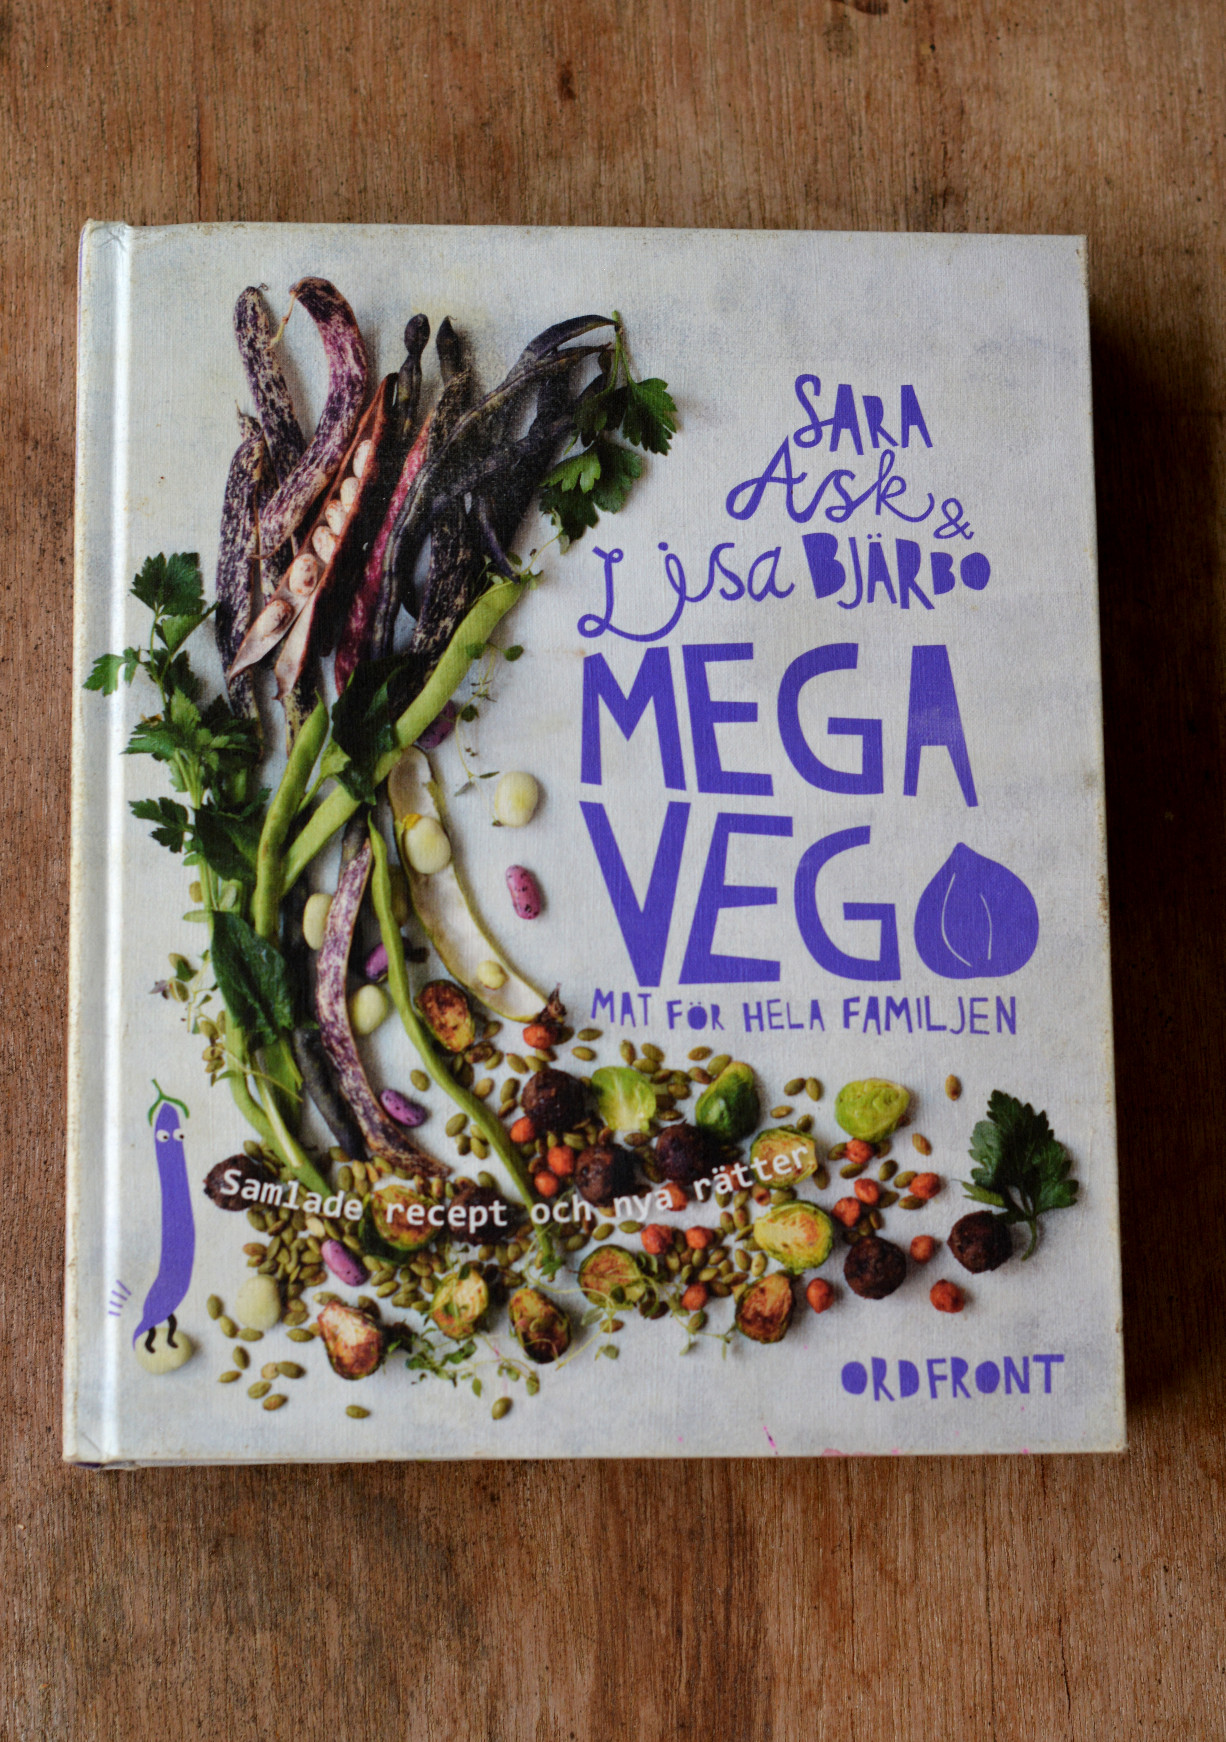 Mega vego av Lisa Bjärbo och Sara Ask